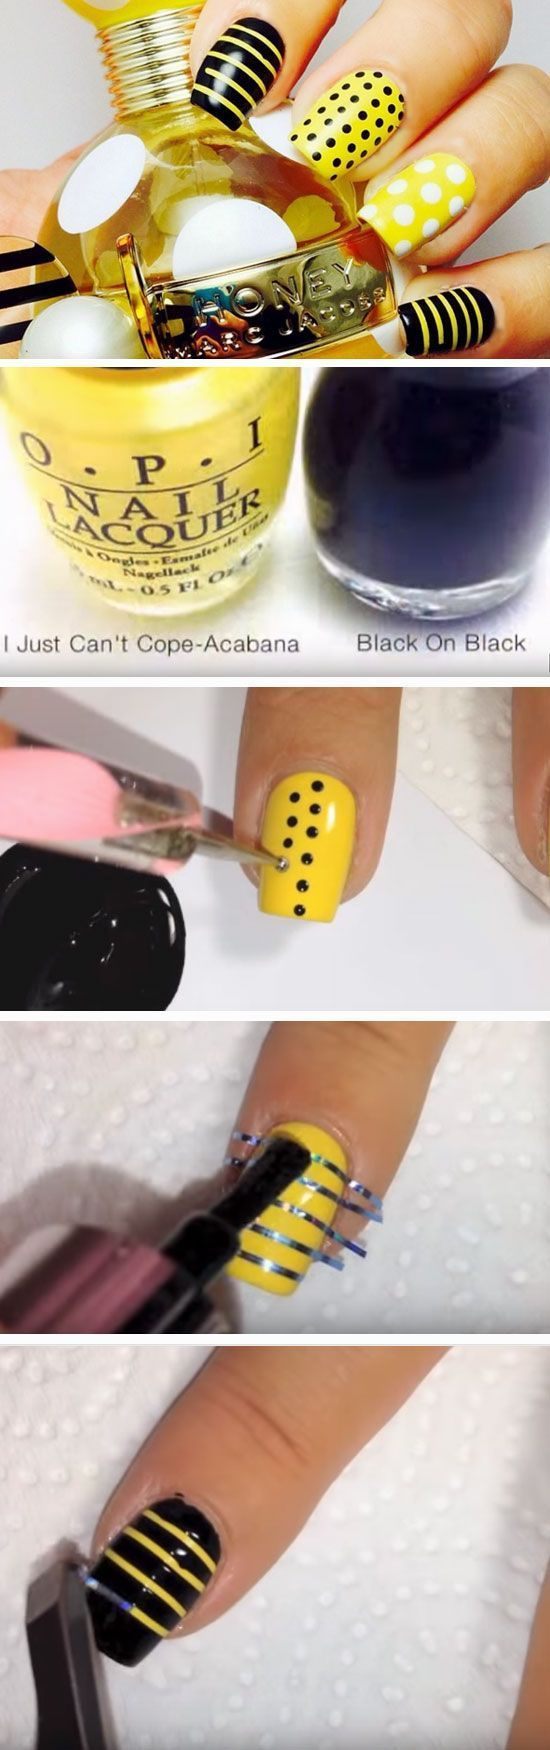 3145 besten Nail Art Bilder auf Pinterest | Nagelkunst, Nagelkunst ...